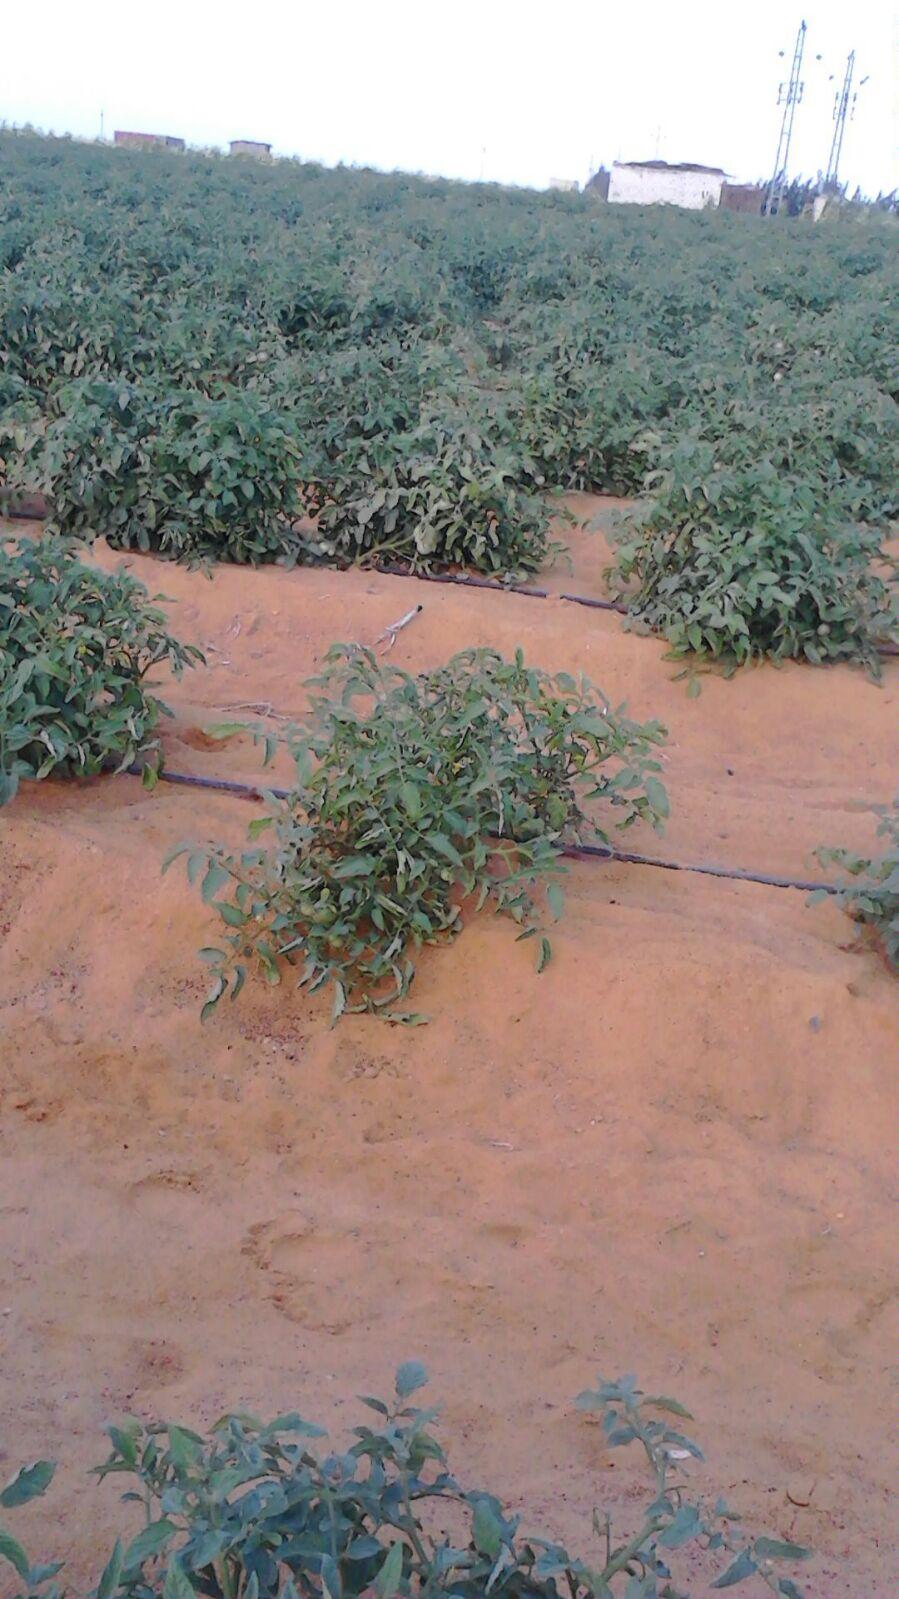 البحيرة: غلاء أسعار الطماطم والخضروات مُستمر حتى أوائل ديسمبر